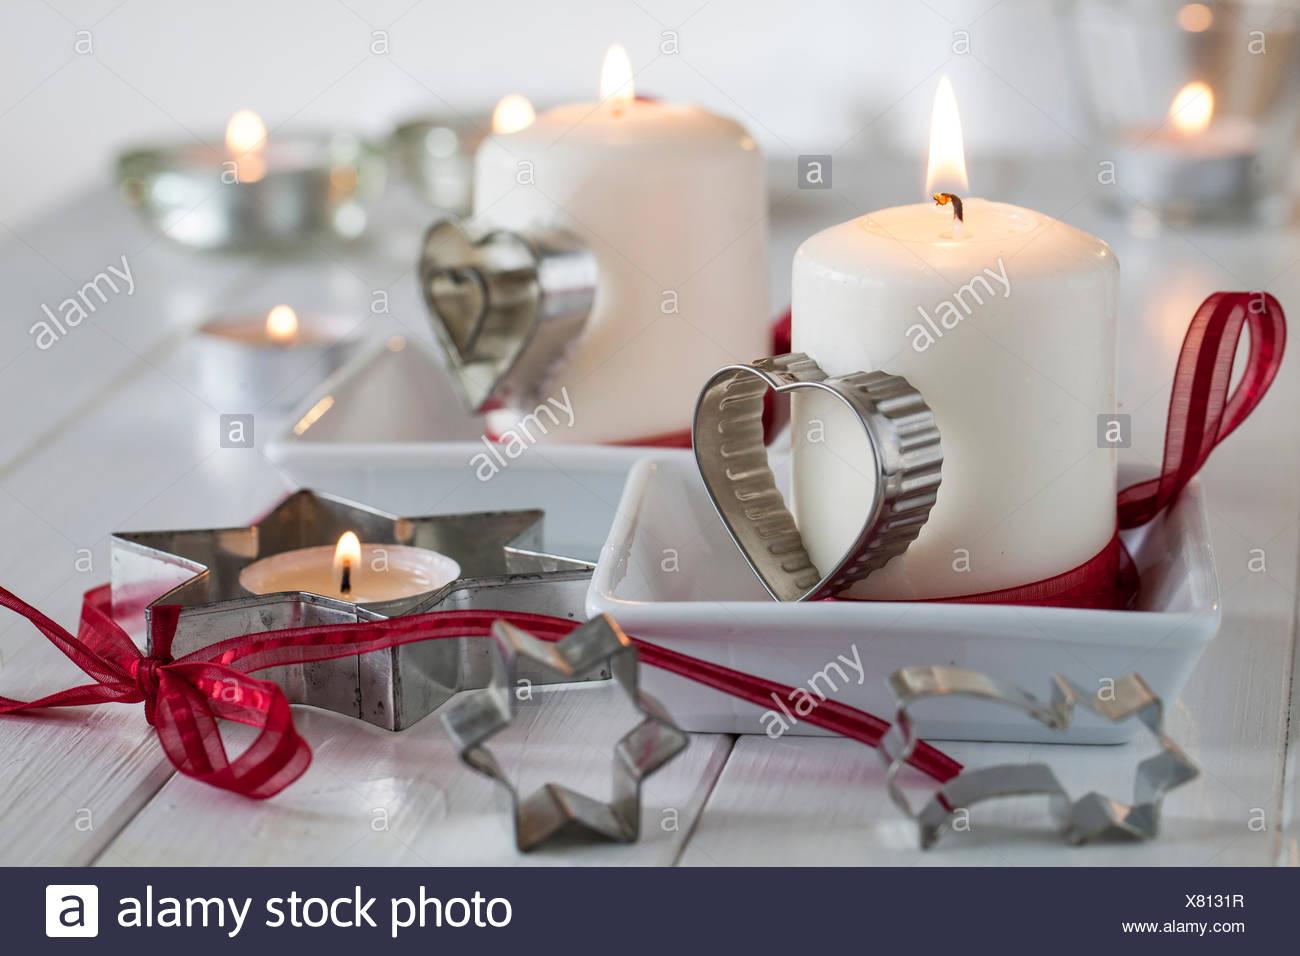 Material  candles e0af5e512